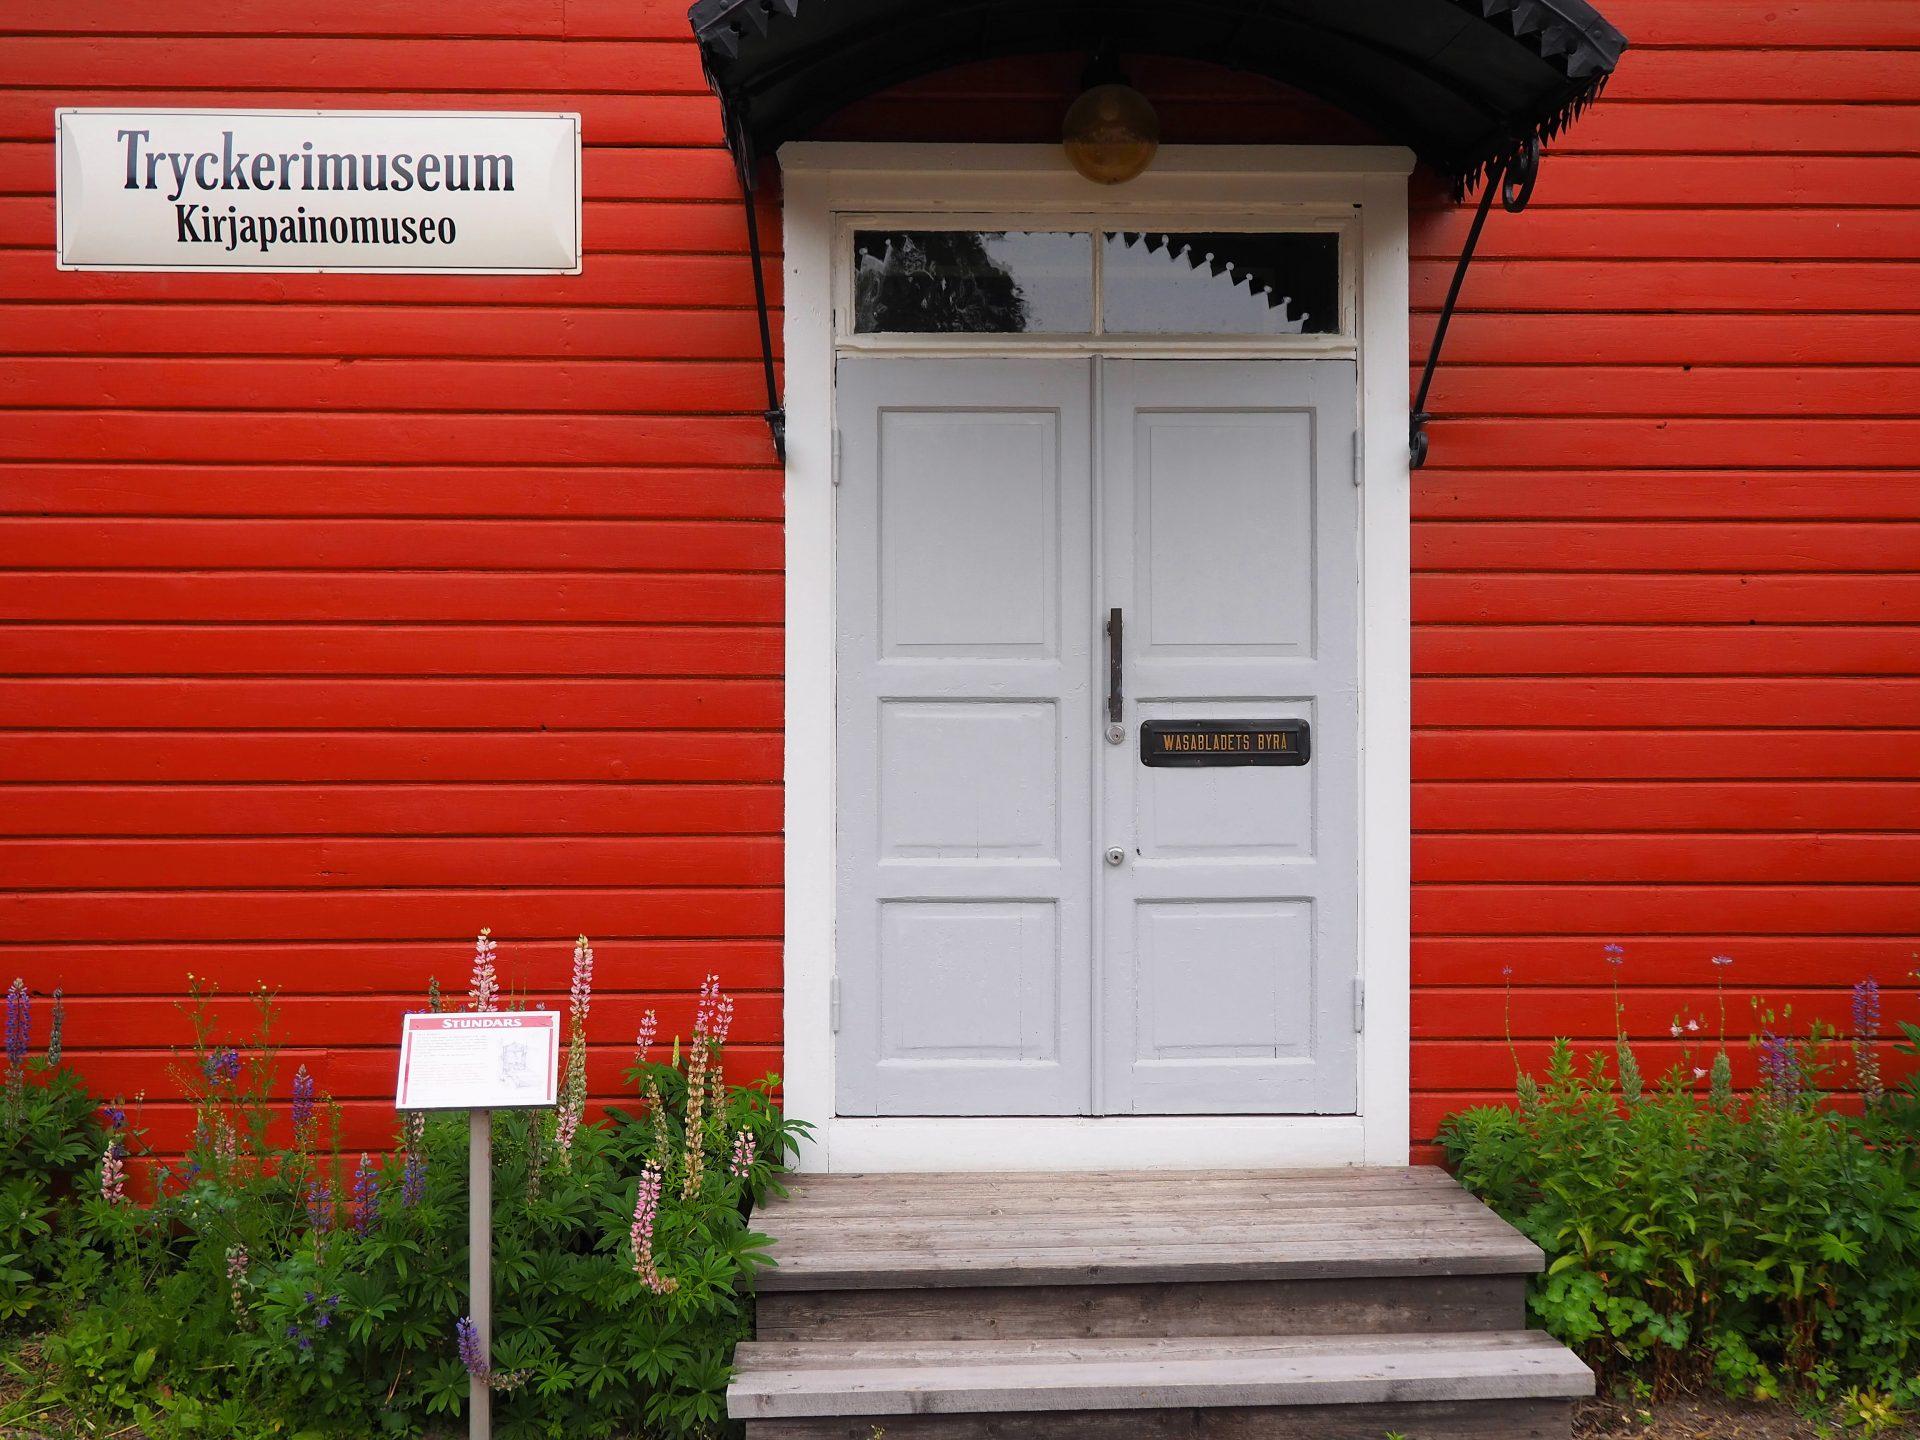 Stundars museo Sulva Tryckerimuseum elamaajamatkoja.fi